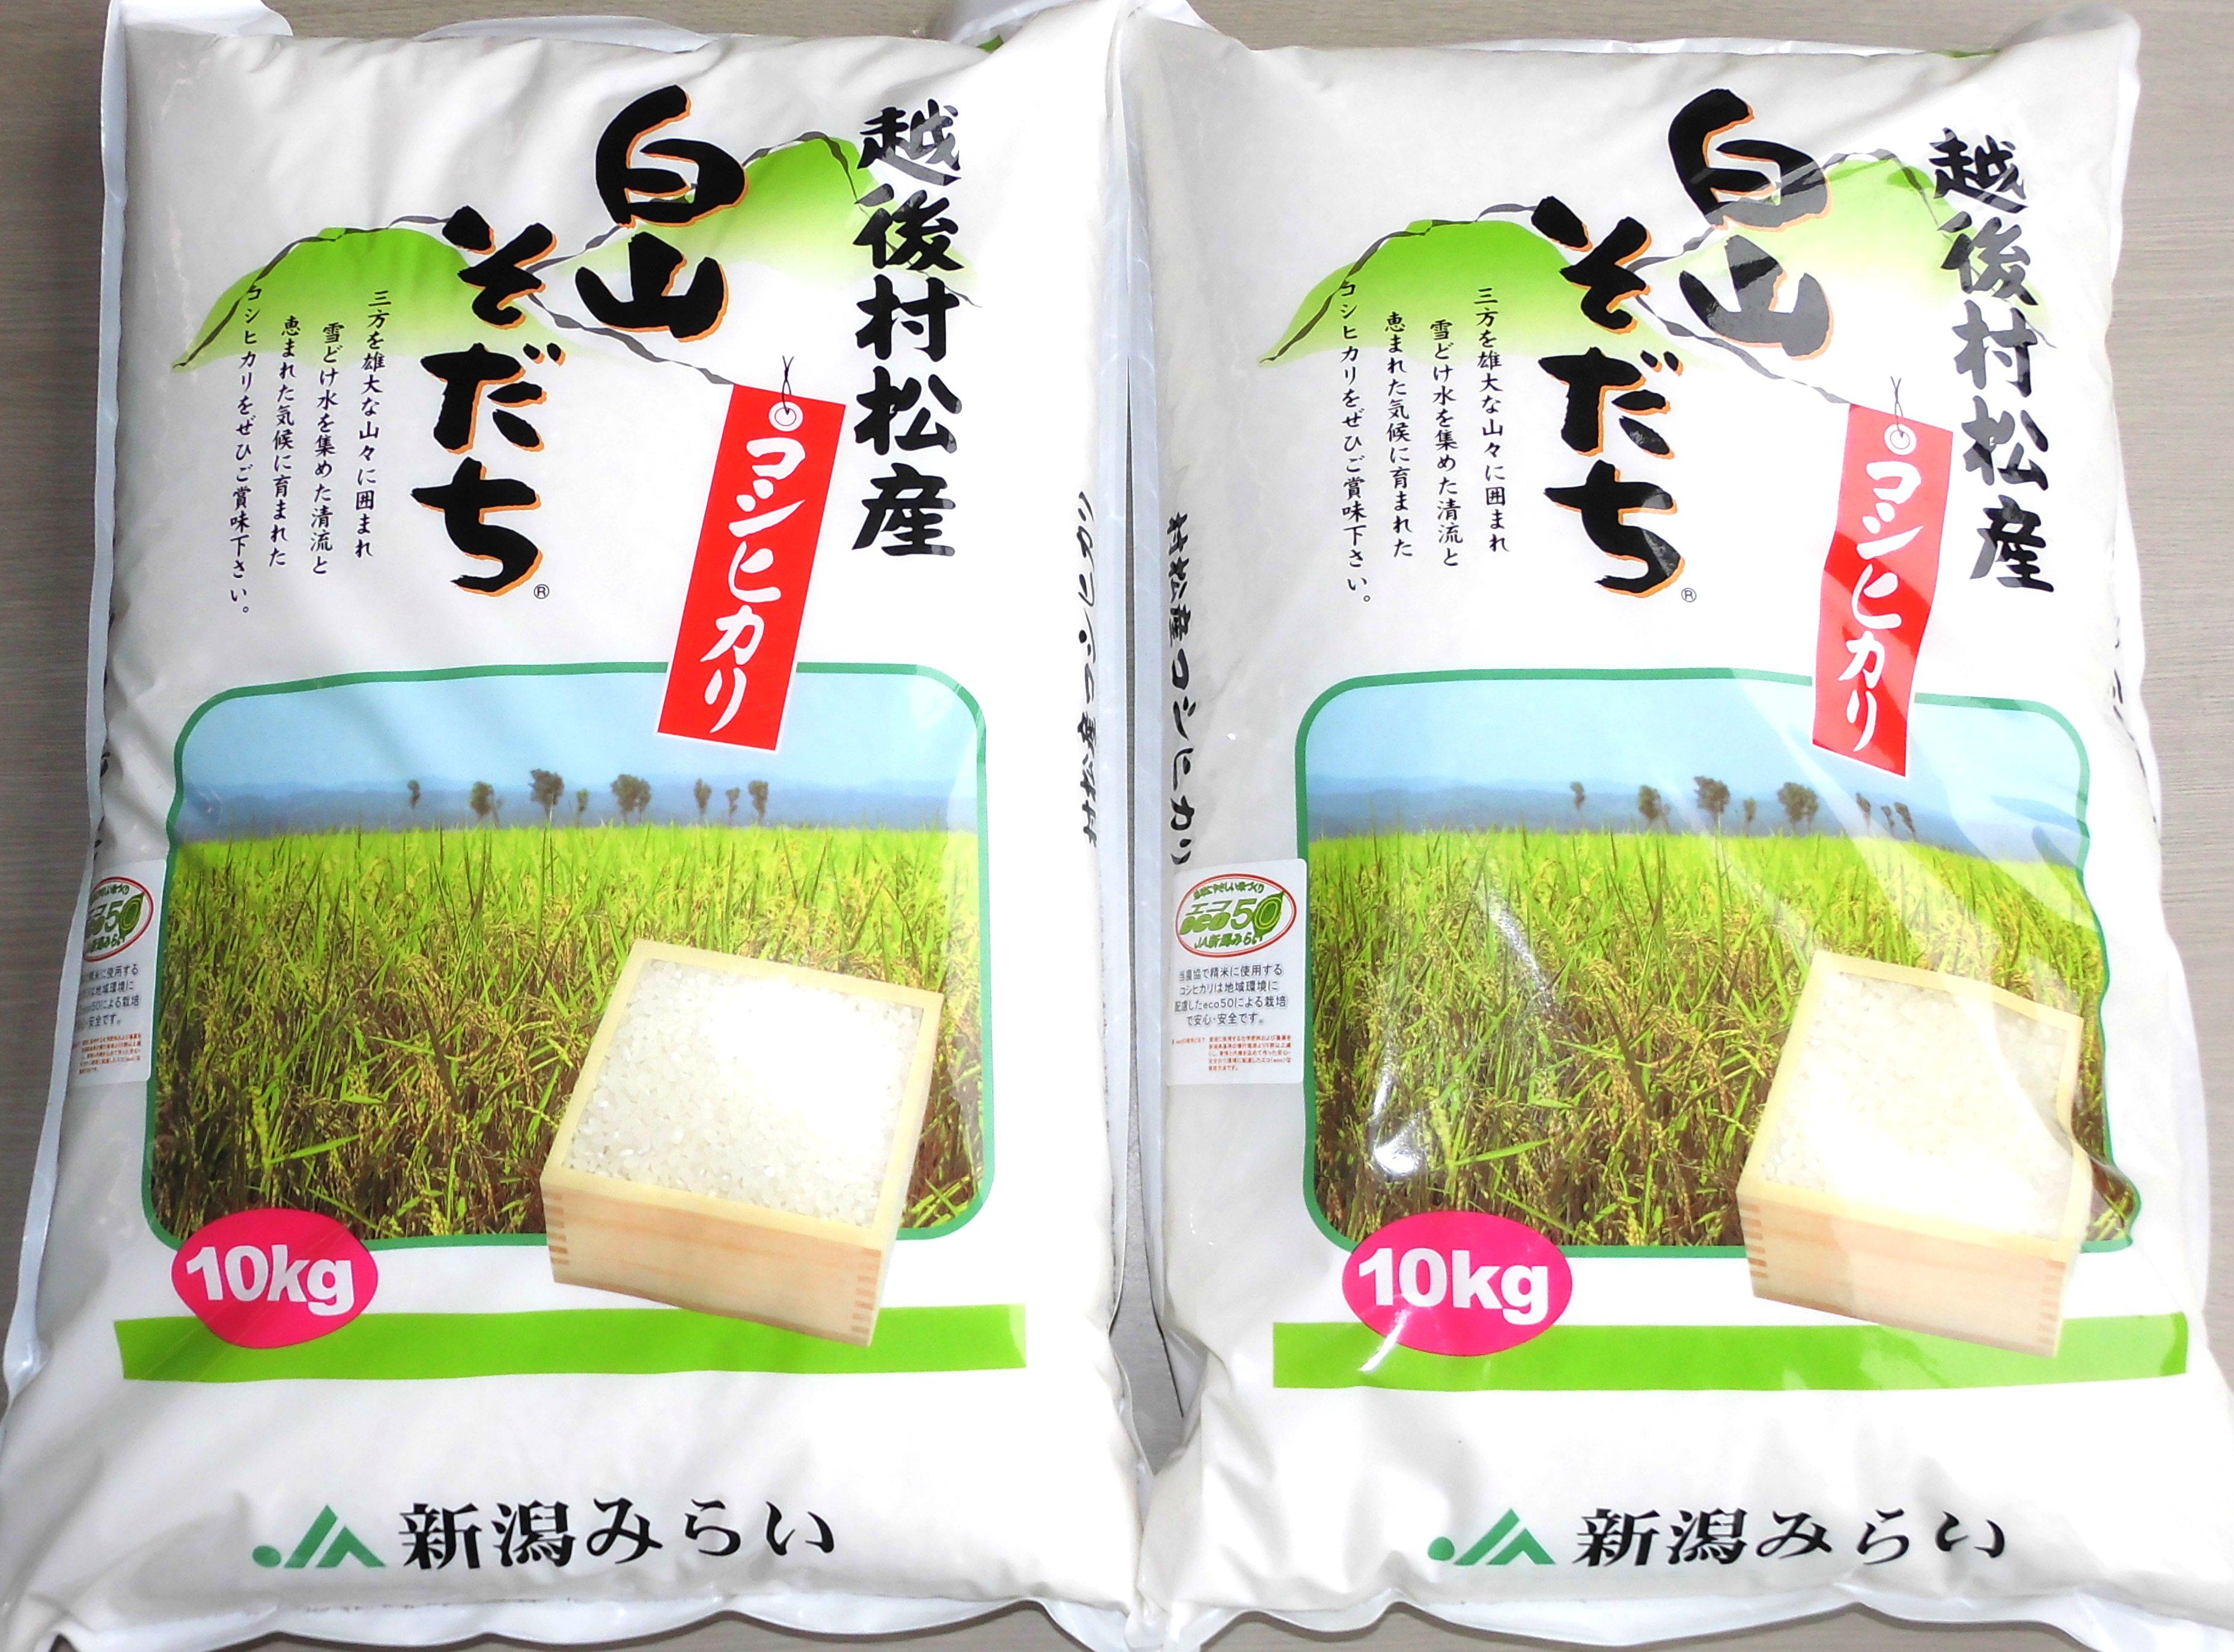 【I-01】五泉産コシヒカリ「白山そだち」20kg